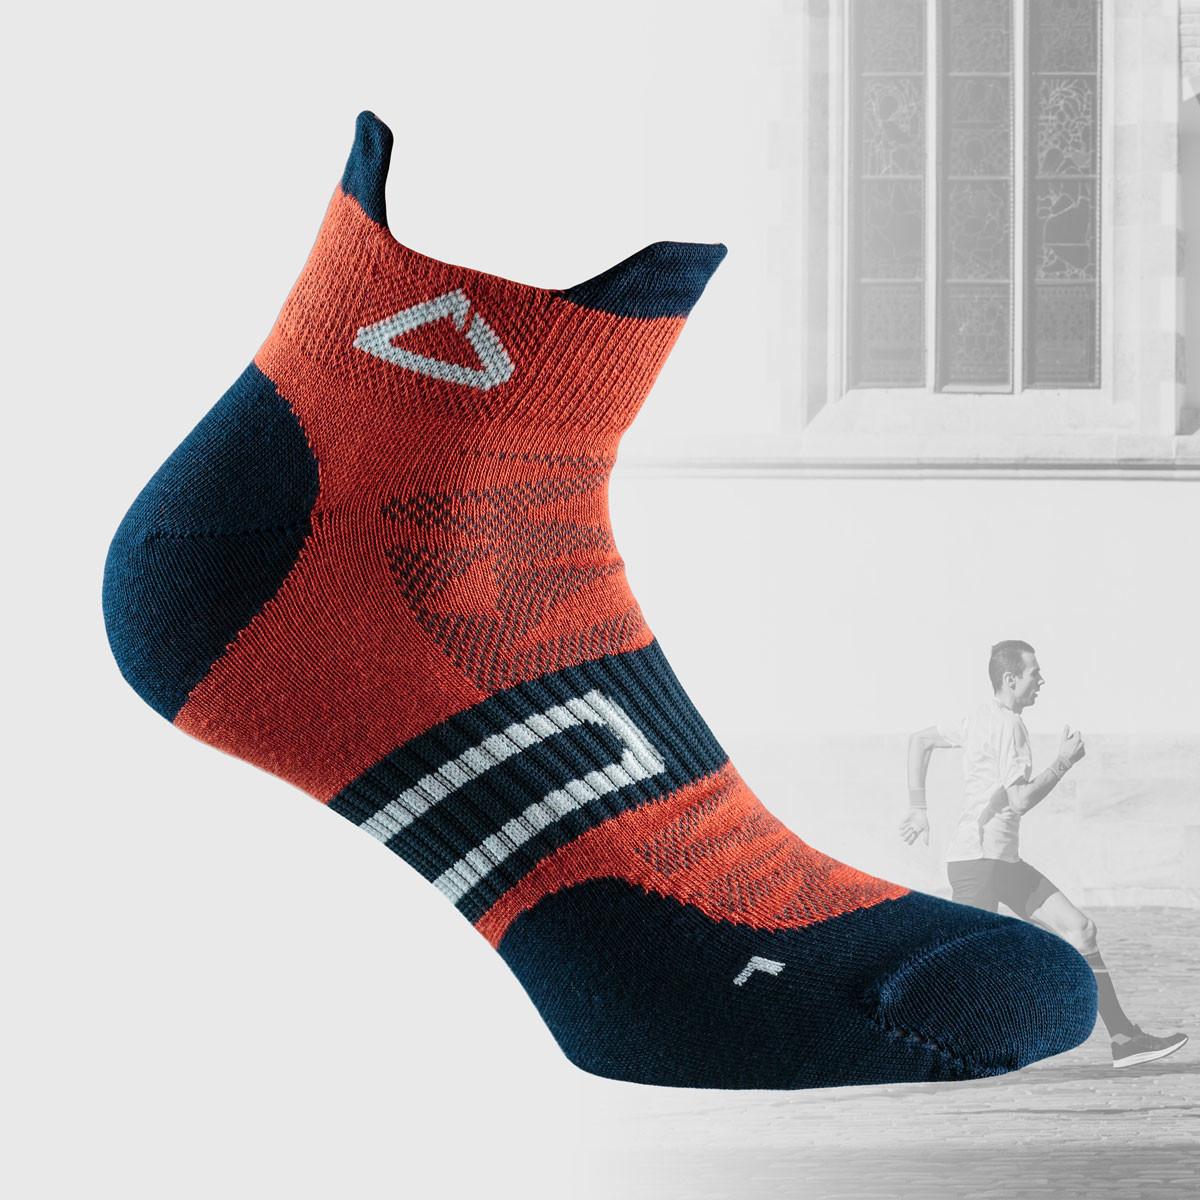 Orange running socks with dark blue details